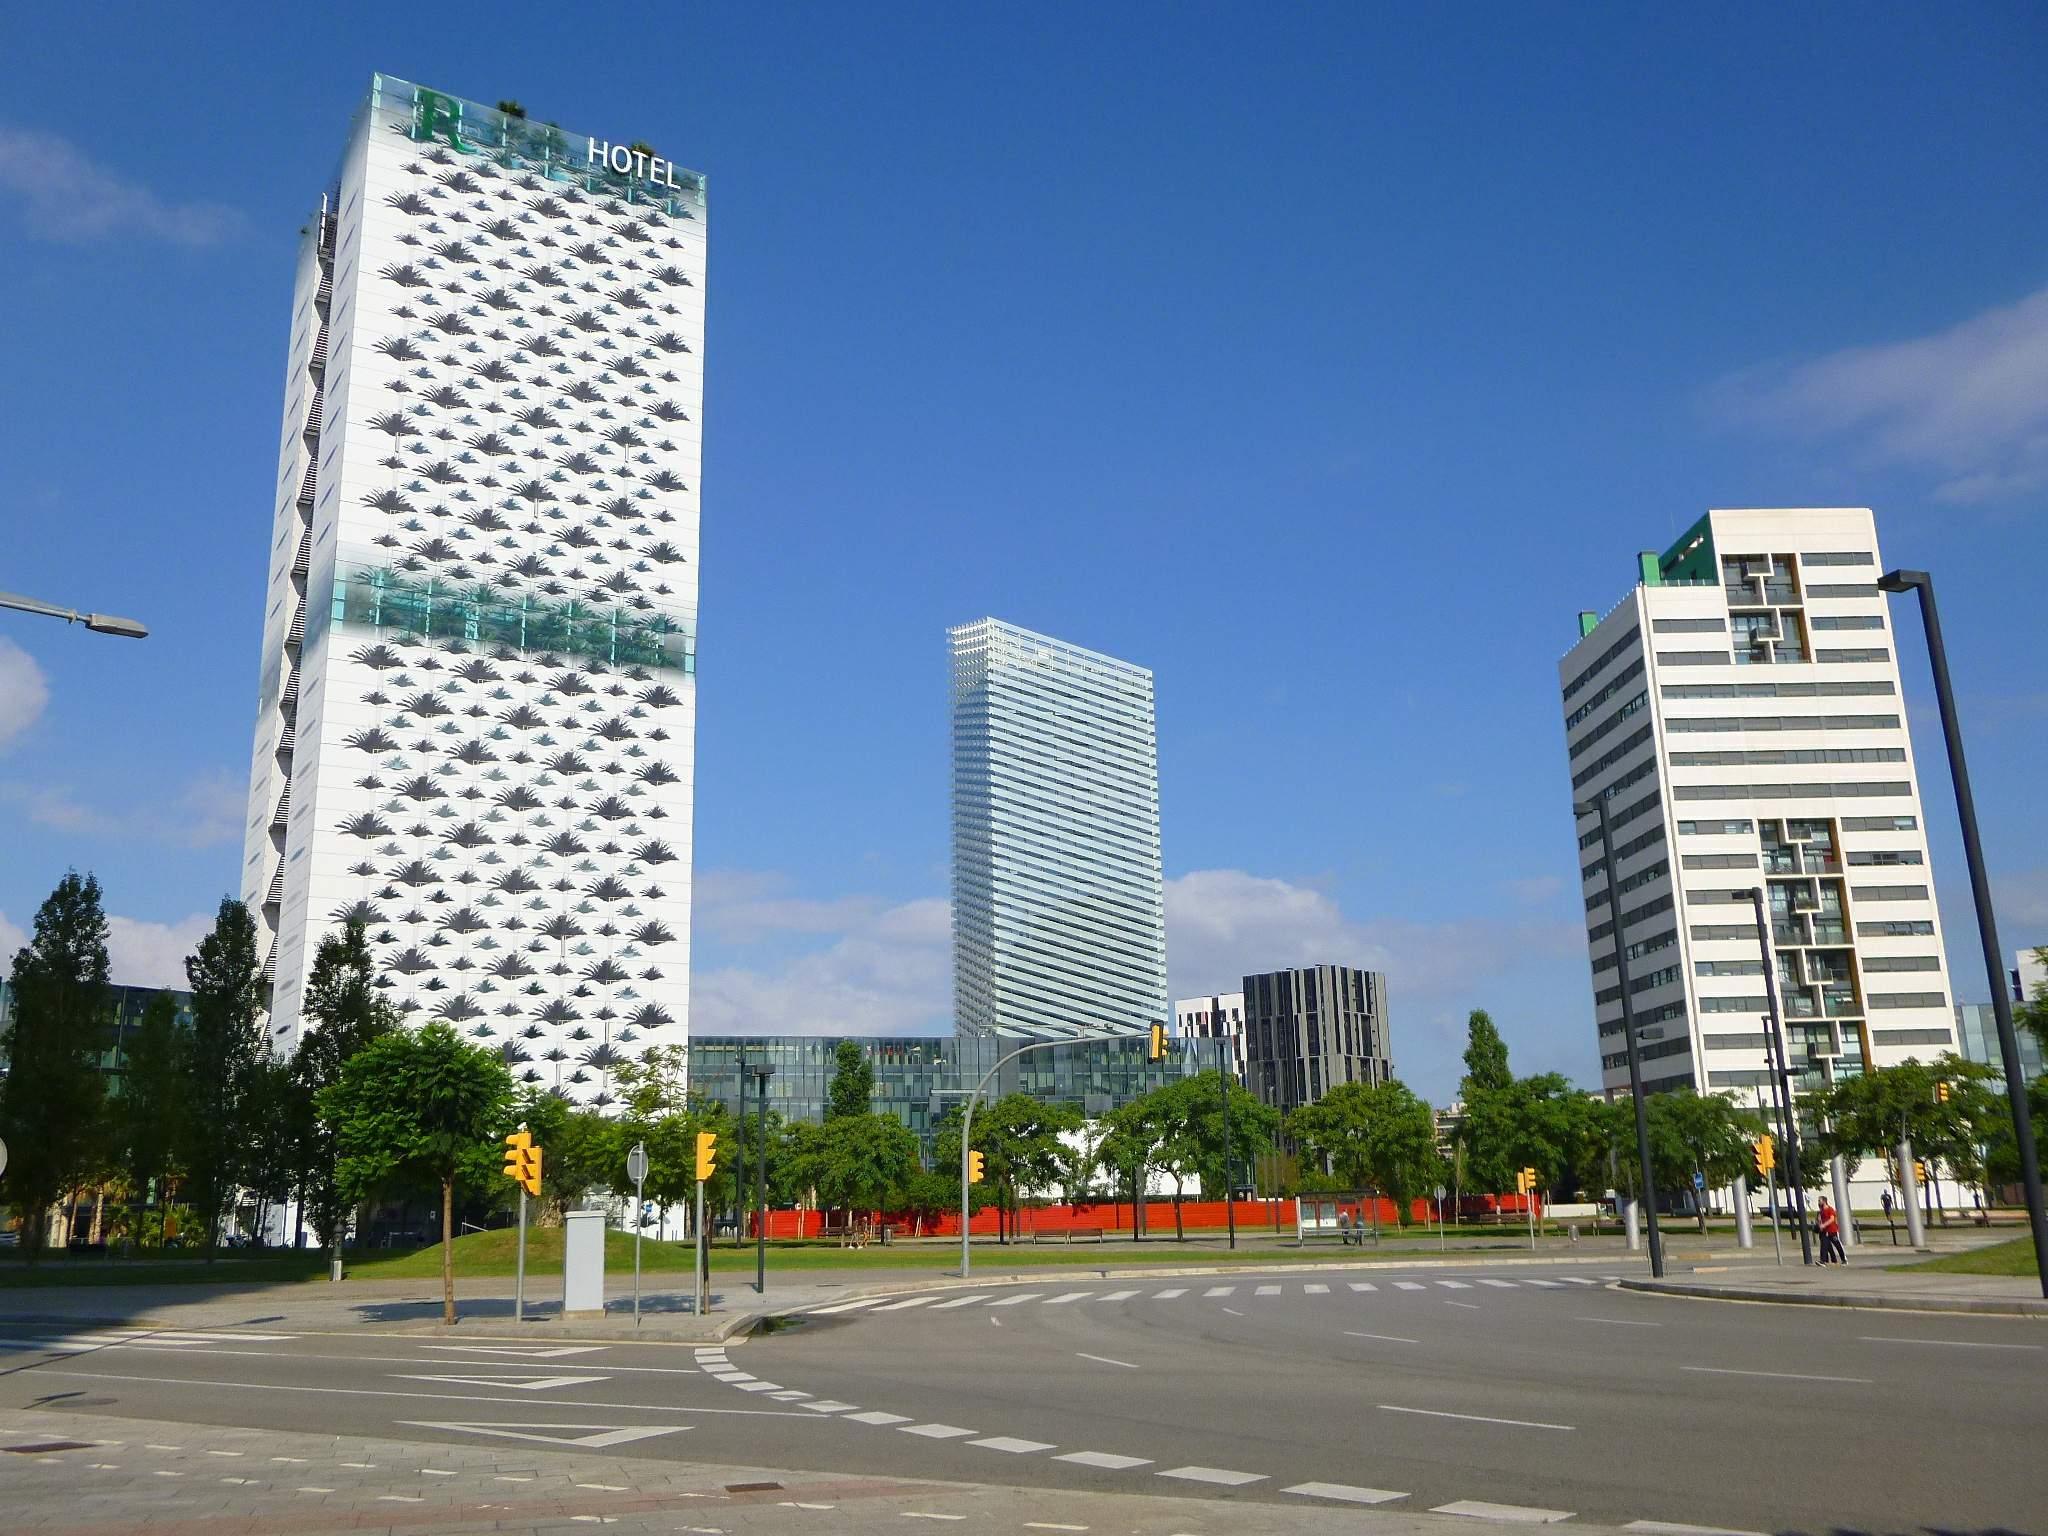 Hotel Europa In Munchen